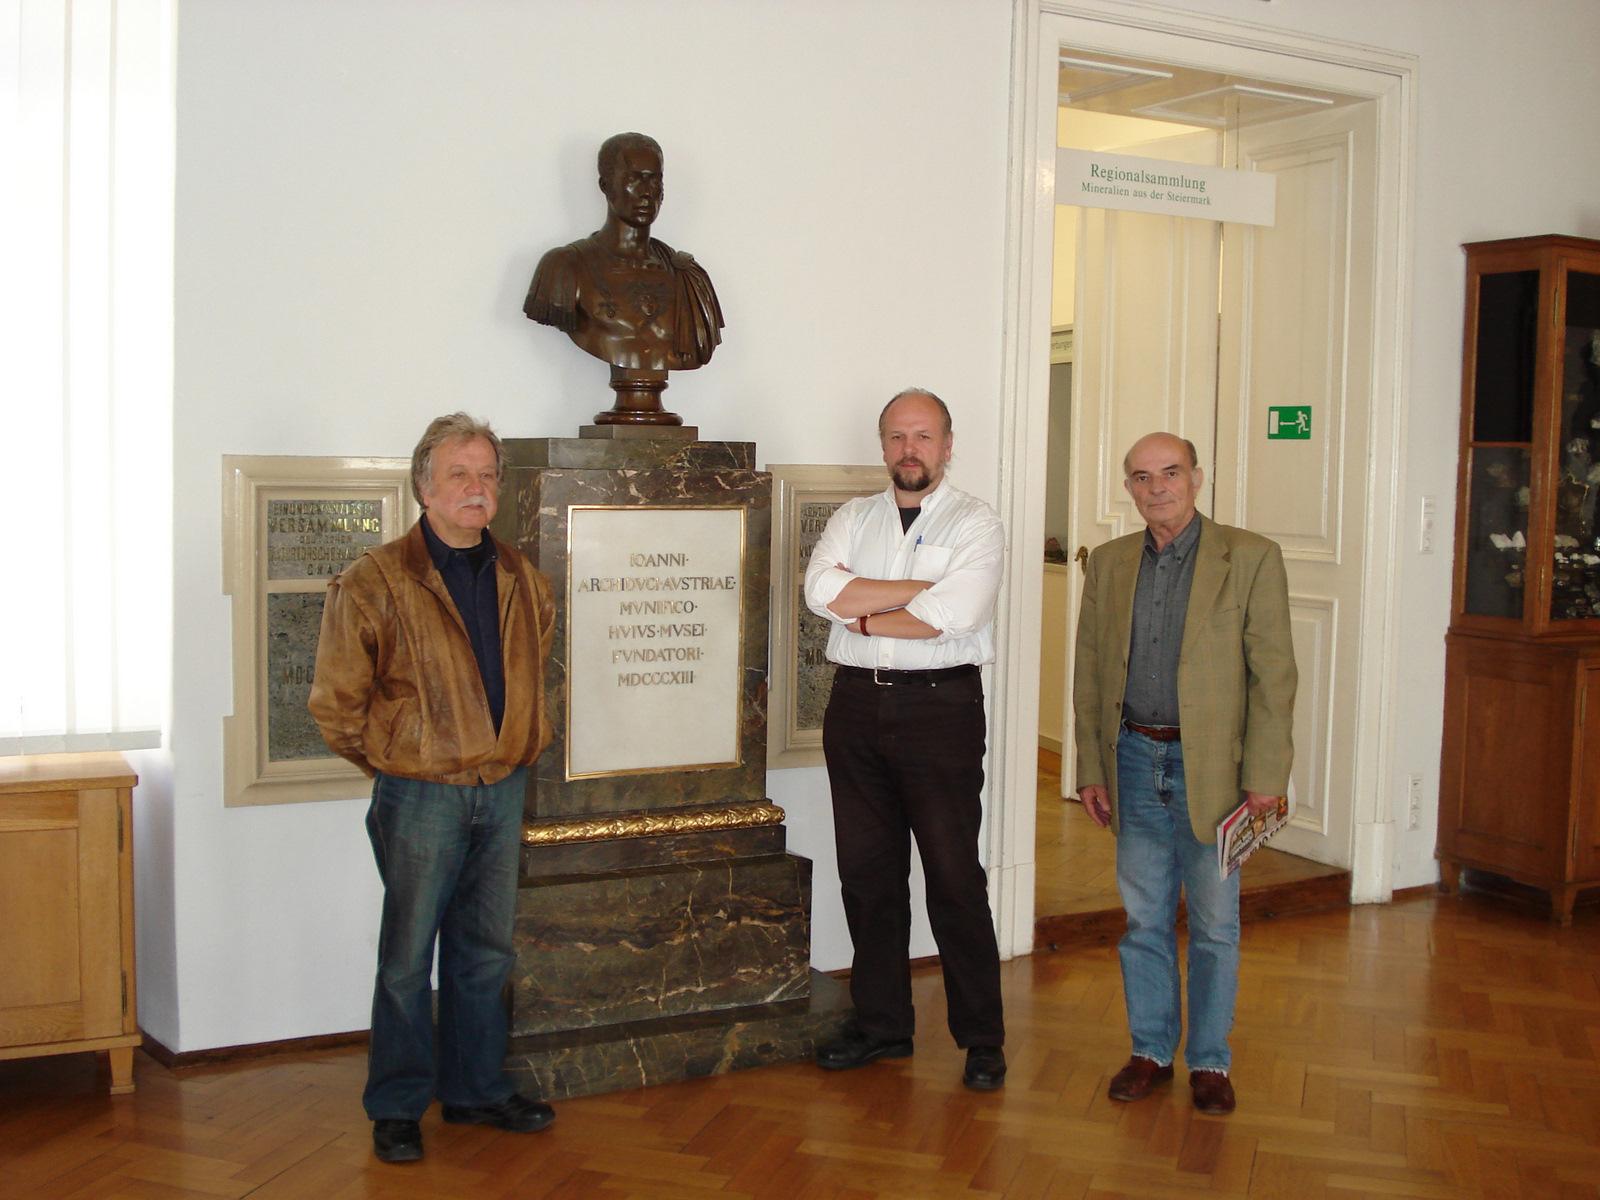 bernd-moser-direktor-joaneum-muzeja-u-gracu-gde-je-studirao-nikola-tesla-i-rade-bakracevic-i-rade-zivaljevic